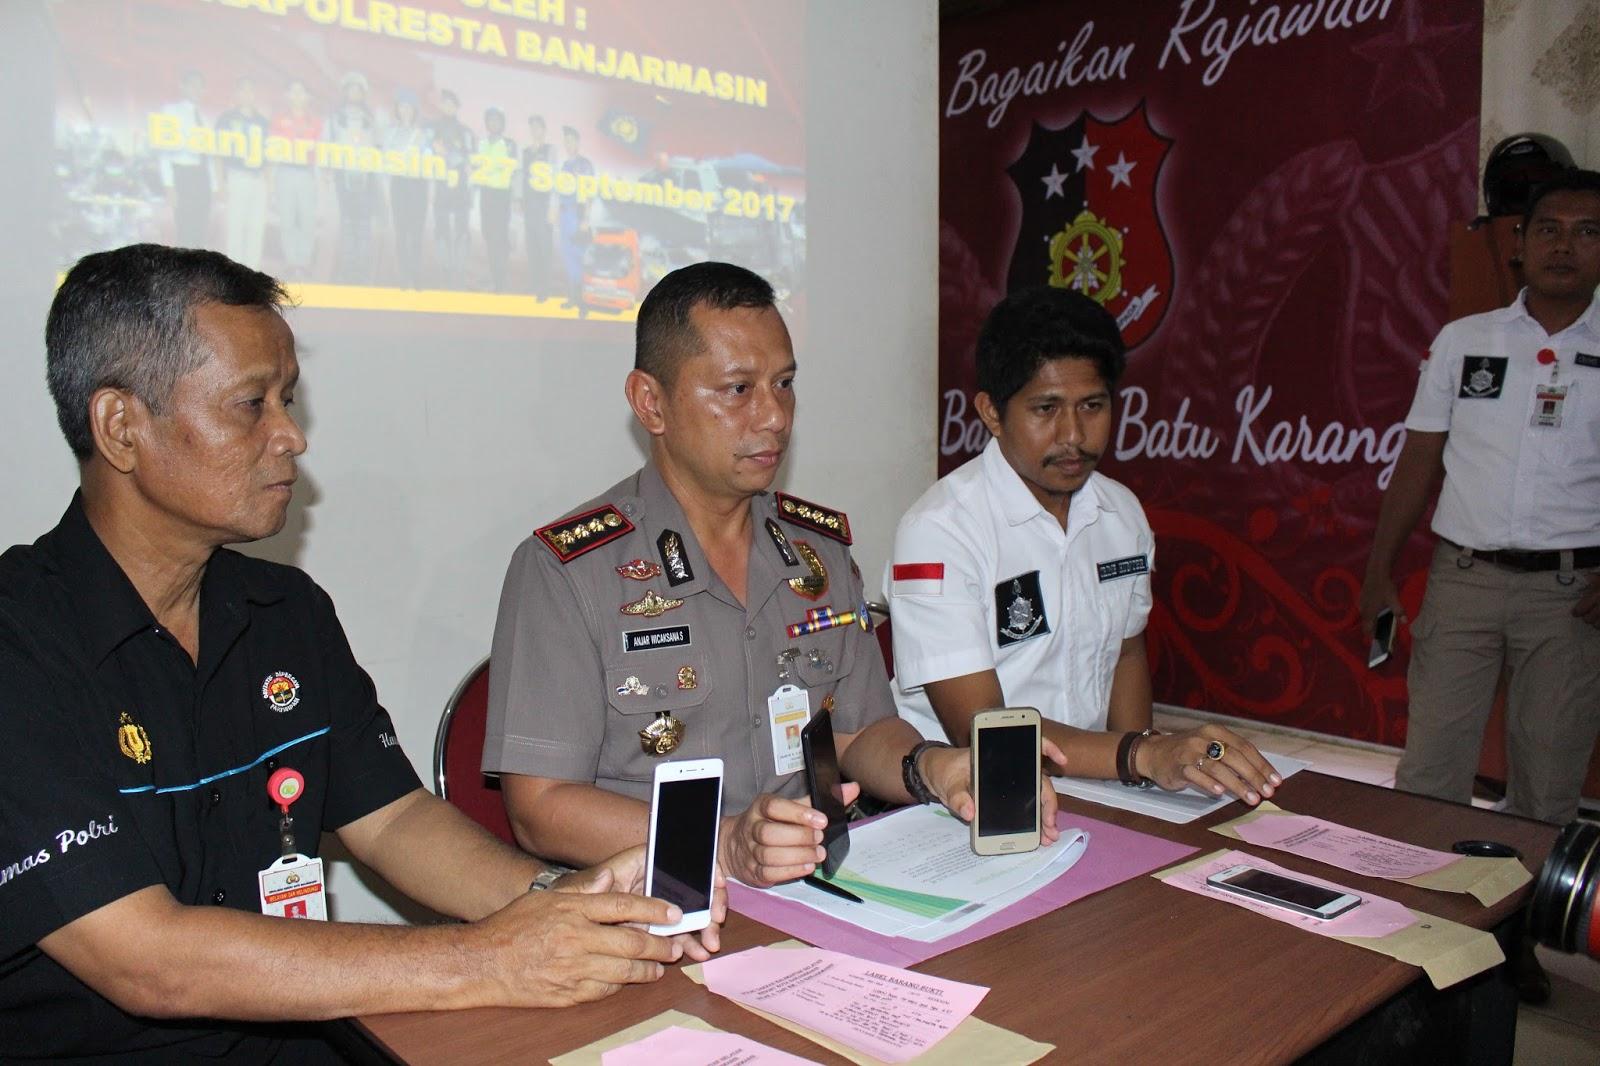 Prees Release Ungkap Kasus Tindak Pidana Perdagangan Manusia dan Perlindungan Anak di Kota Banjarmasin